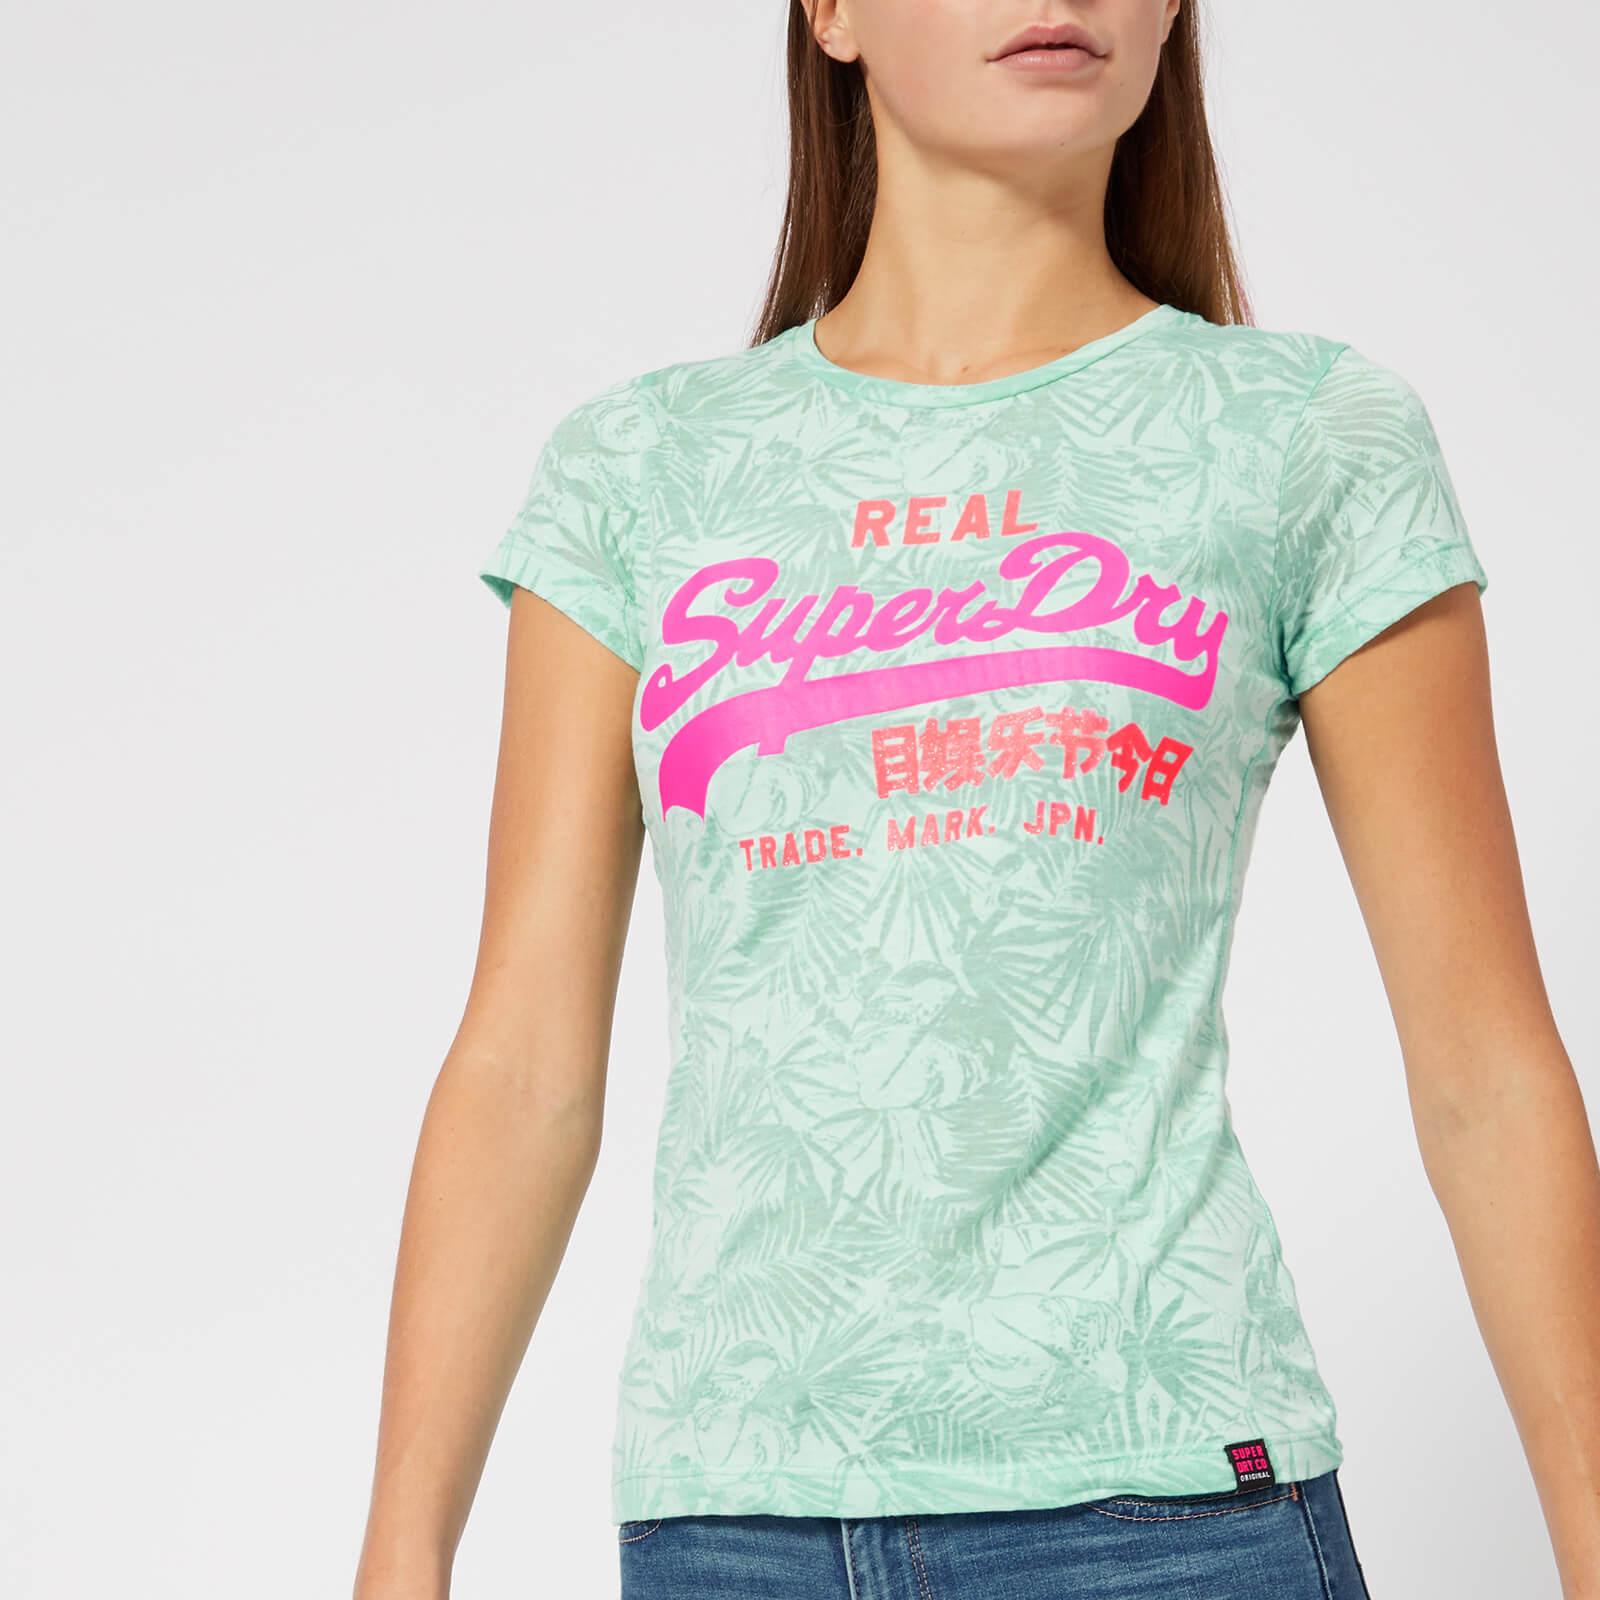 88c4987a Superdry Women's Vintage Logo Aop Burnout Entry T-Shirt - Burnout Mint  Womens Clothing | TheHut.com